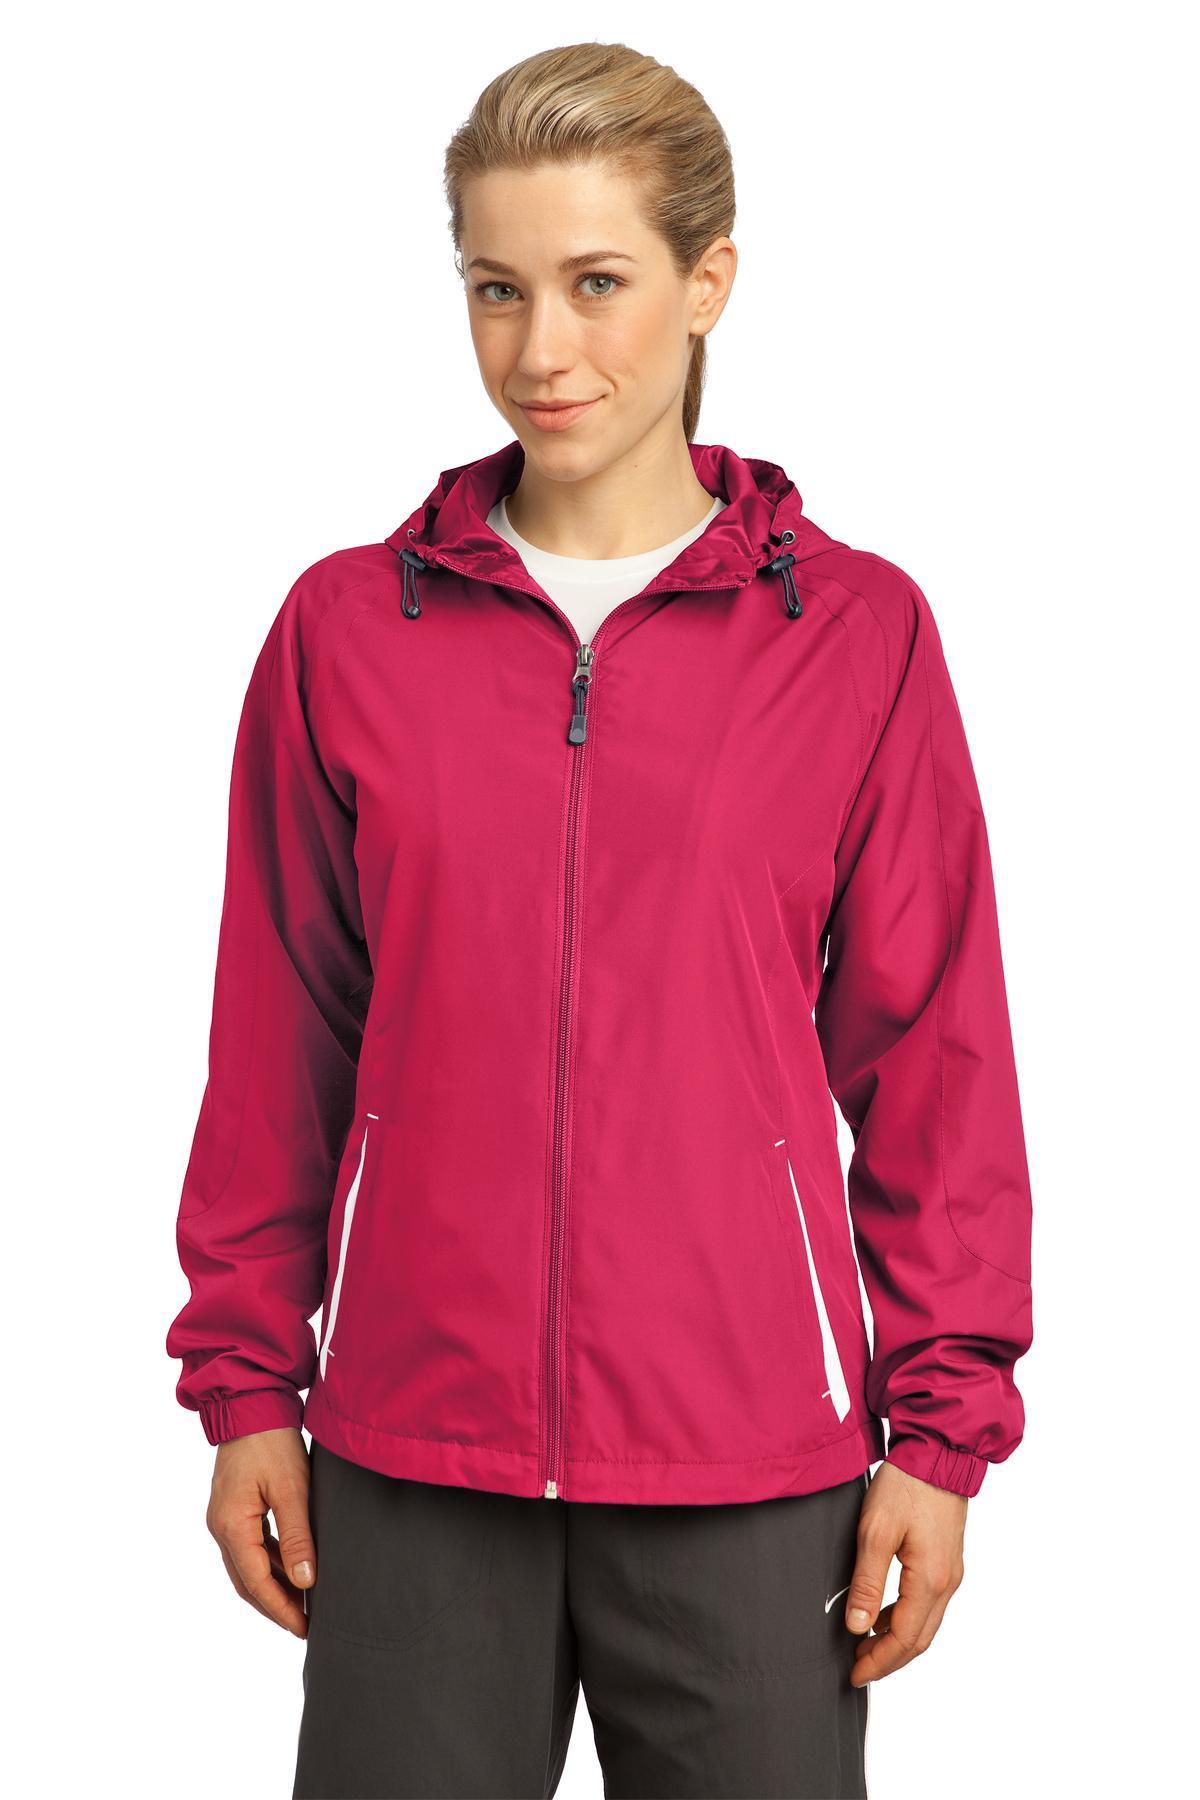 7901a812d Sport-Tek Ladies Colorblock Hooded Raglan Jacket LST76 Pink Raspberry/White